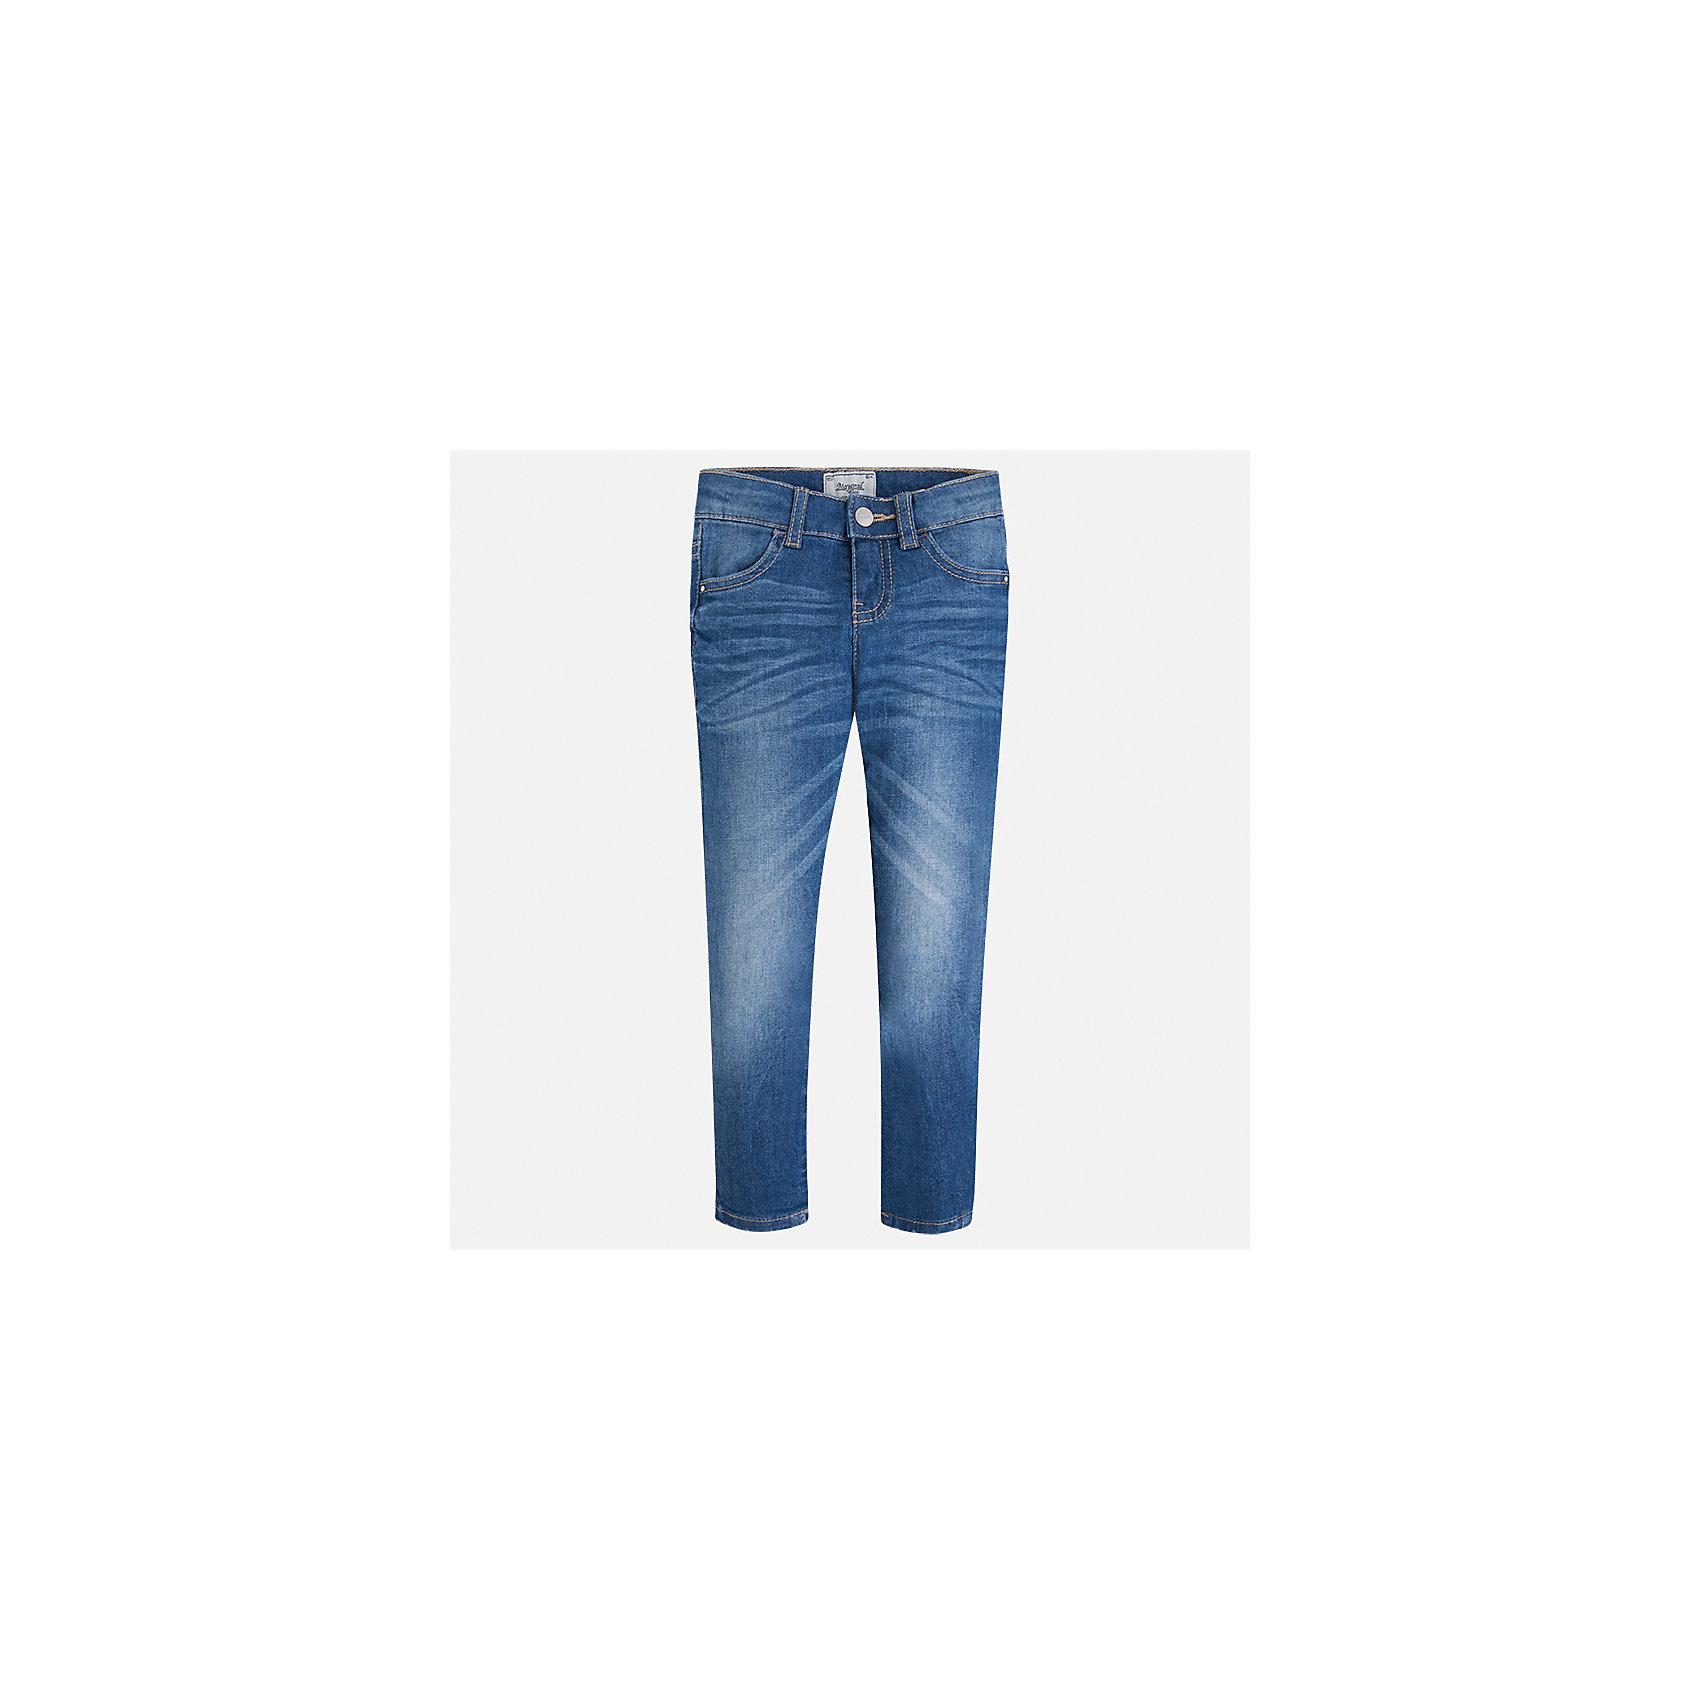 Джинсы для девочки MayoralДжинсовая одежда<br>Характеристики товара:<br><br>• цвет: синий<br>• состав: 98% хлопок, 2% эластан<br>• эффект потертости<br>• карманы<br>• пояс с регулировкой объема<br>• шлевки<br>• страна бренда: Испания<br><br>Стильные джинсы для девочки смогут разнообразить гардероб ребенка и украсить наряд. Они отлично сочетаются с майками, футболками, блузками. Красивый оттенок позволяет подобрать к вещи верх разных расцветок. Интересный крой модели делает её нарядной и оригинальной. В составе материала - натуральный хлопок, гипоаллергенный, приятный на ощупь, дышащий.<br><br>Одежда, обувь и аксессуары от испанского бренда Mayoral полюбились детям и взрослым по всему миру. Модели этой марки - стильные и удобные. Для их производства используются только безопасные, качественные материалы и фурнитура. Порадуйте ребенка модными и красивыми вещами от Mayoral! <br><br>Джинсы для девочки от испанского бренда Mayoral (Майорал) можно купить в нашем интернет-магазине.<br><br>Ширина мм: 215<br>Глубина мм: 88<br>Высота мм: 191<br>Вес г: 336<br>Цвет: синий<br>Возраст от месяцев: 96<br>Возраст до месяцев: 108<br>Пол: Женский<br>Возраст: Детский<br>Размер: 134,92,98,104,110,116,122,128<br>SKU: 5288488